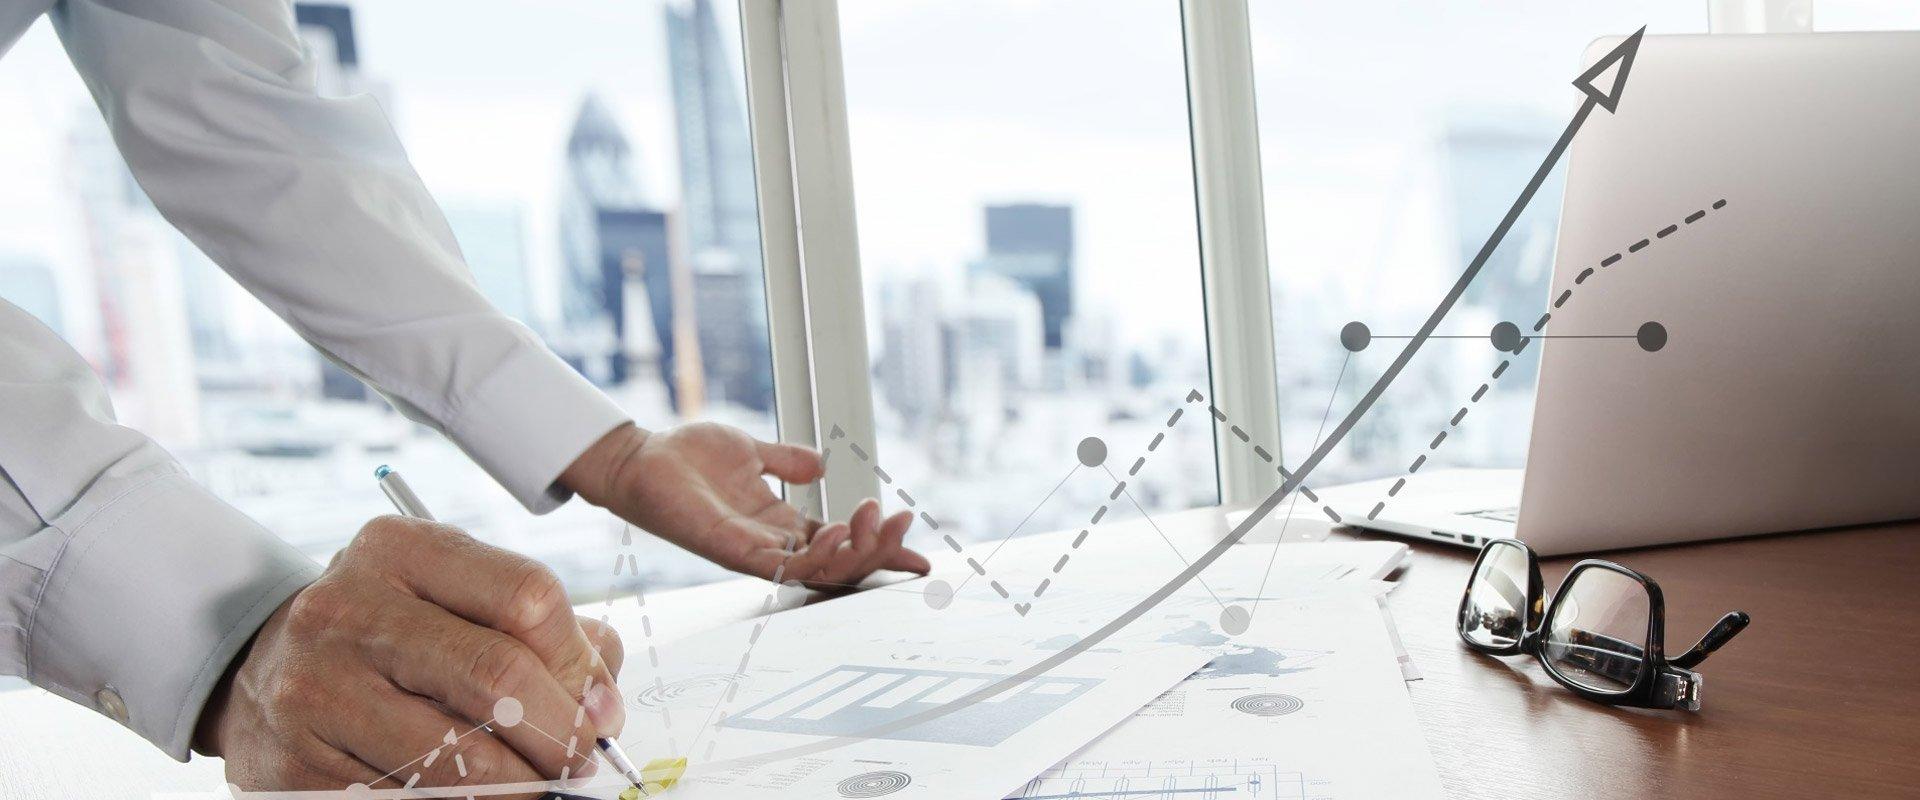 سرمایه گذاری موفق چه نوع سرمایه گذاری ست؟